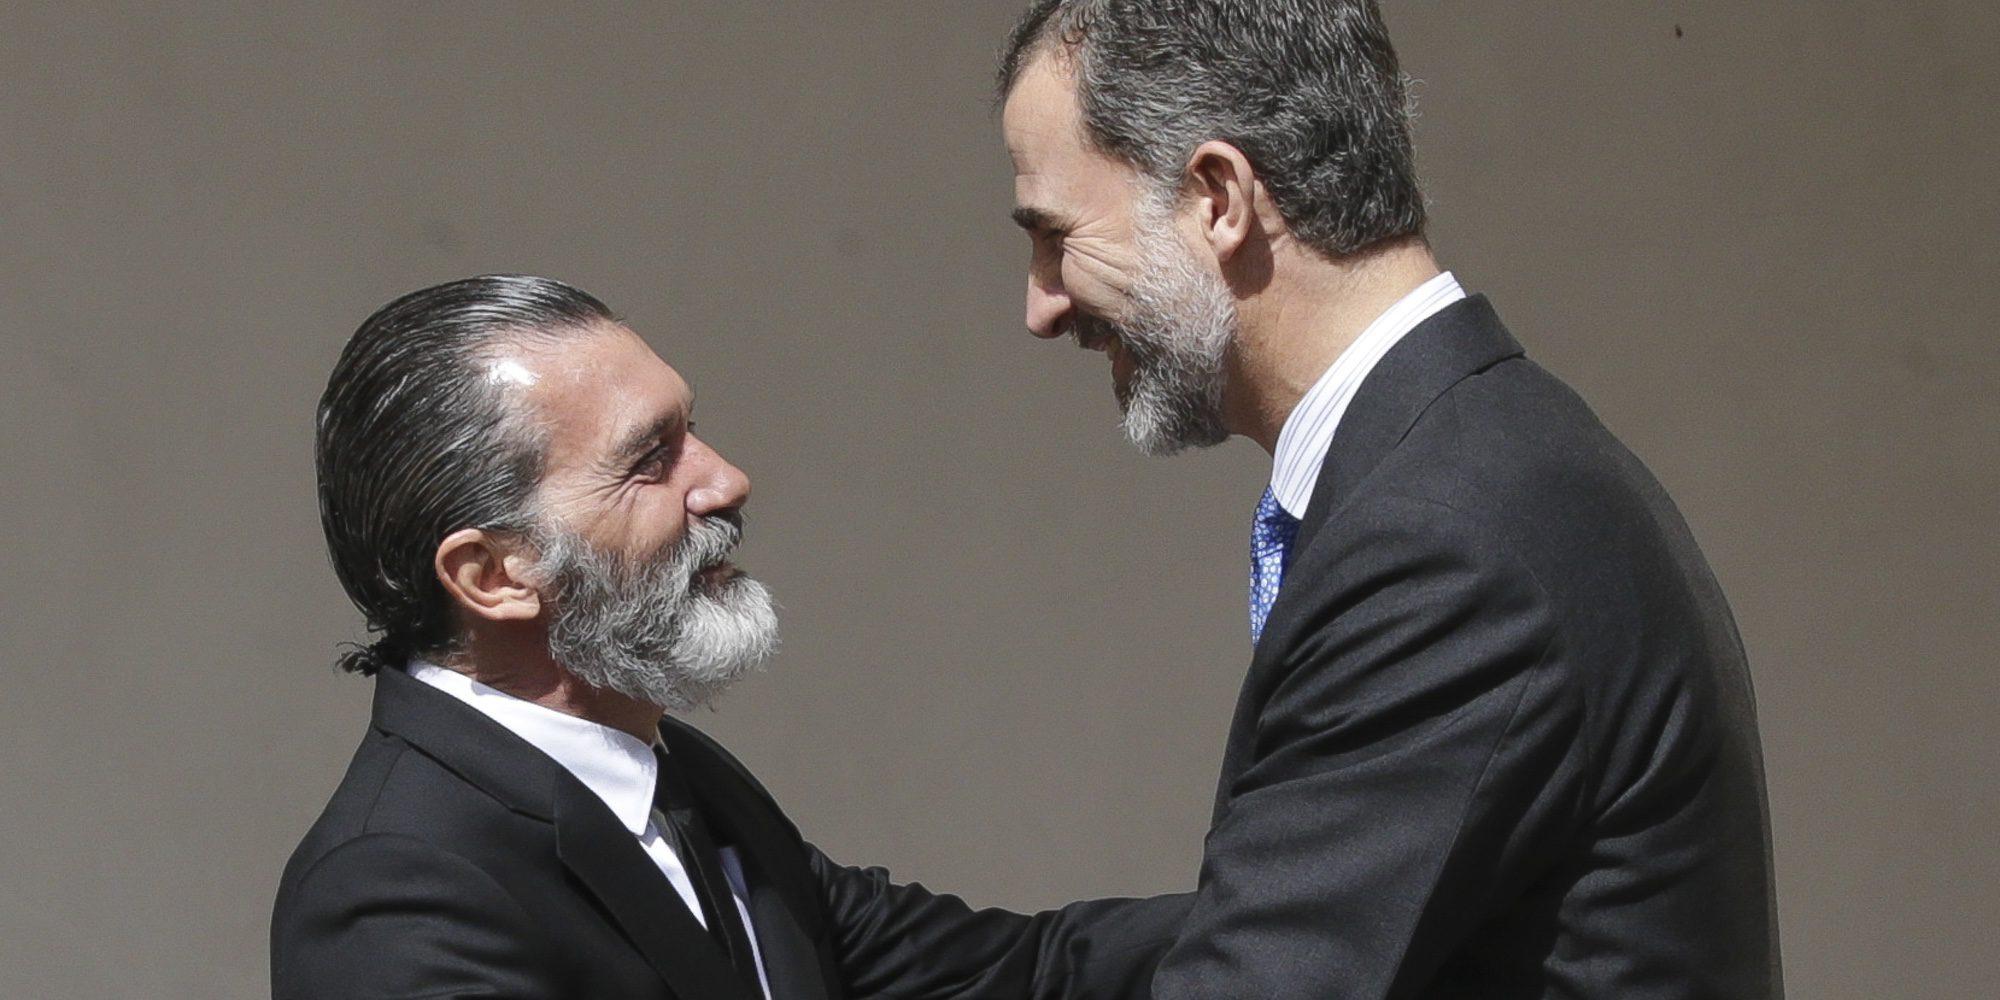 Antonio Banderas recibe el galardón Camino Real de la mano del Rey Felipe